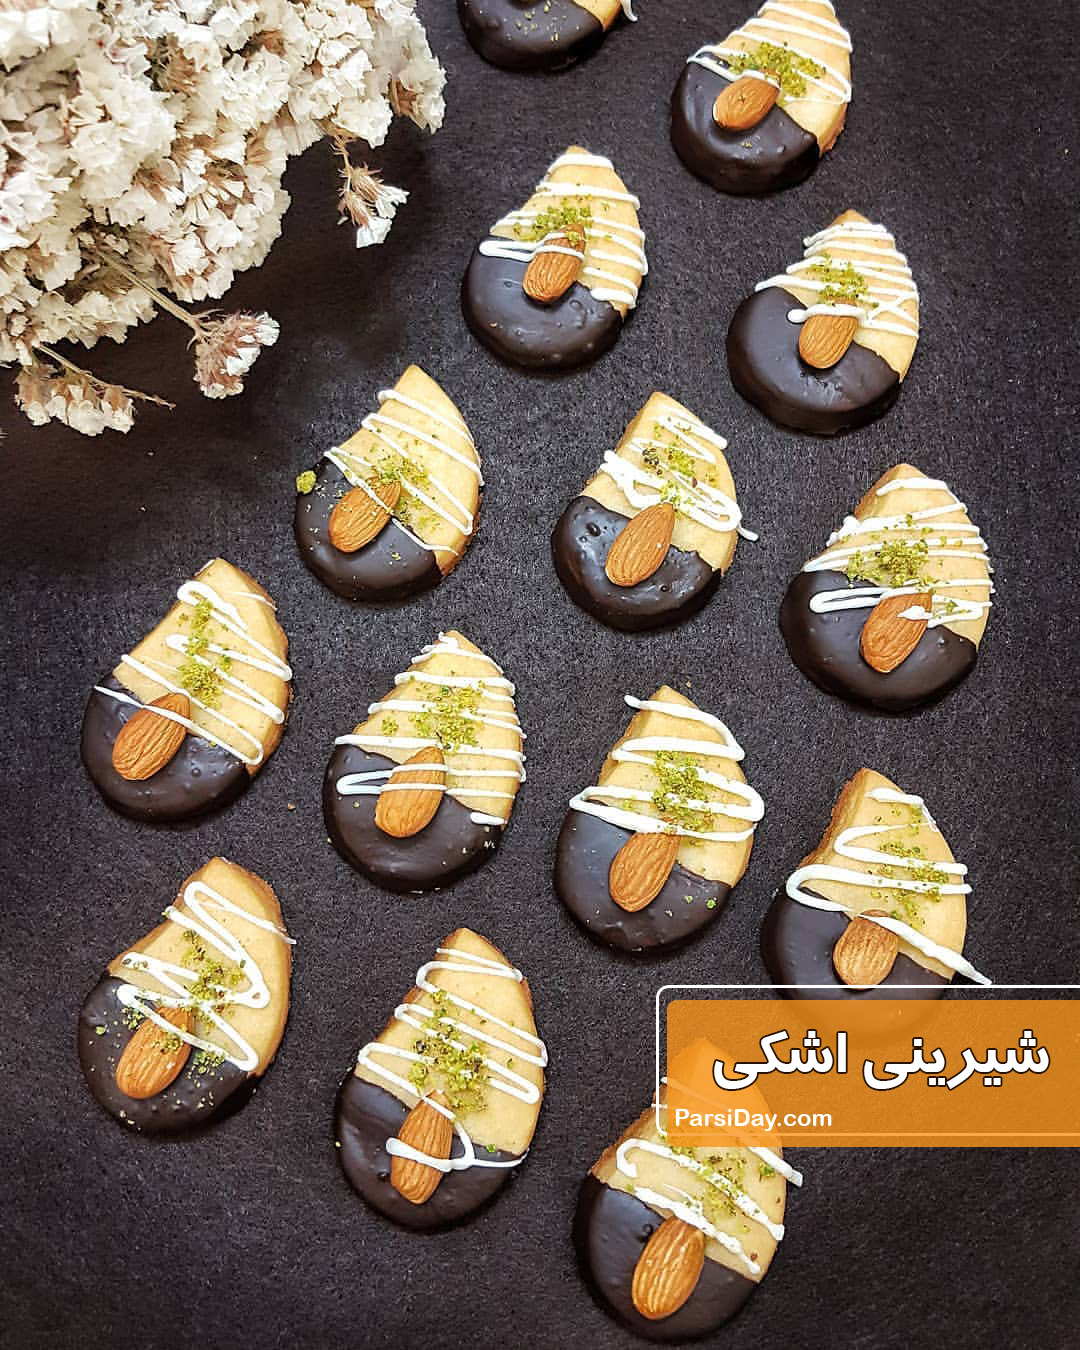 طرز تهیه شیرینی اشکی یا نعلی خوشمزه با کره به روش بازاری